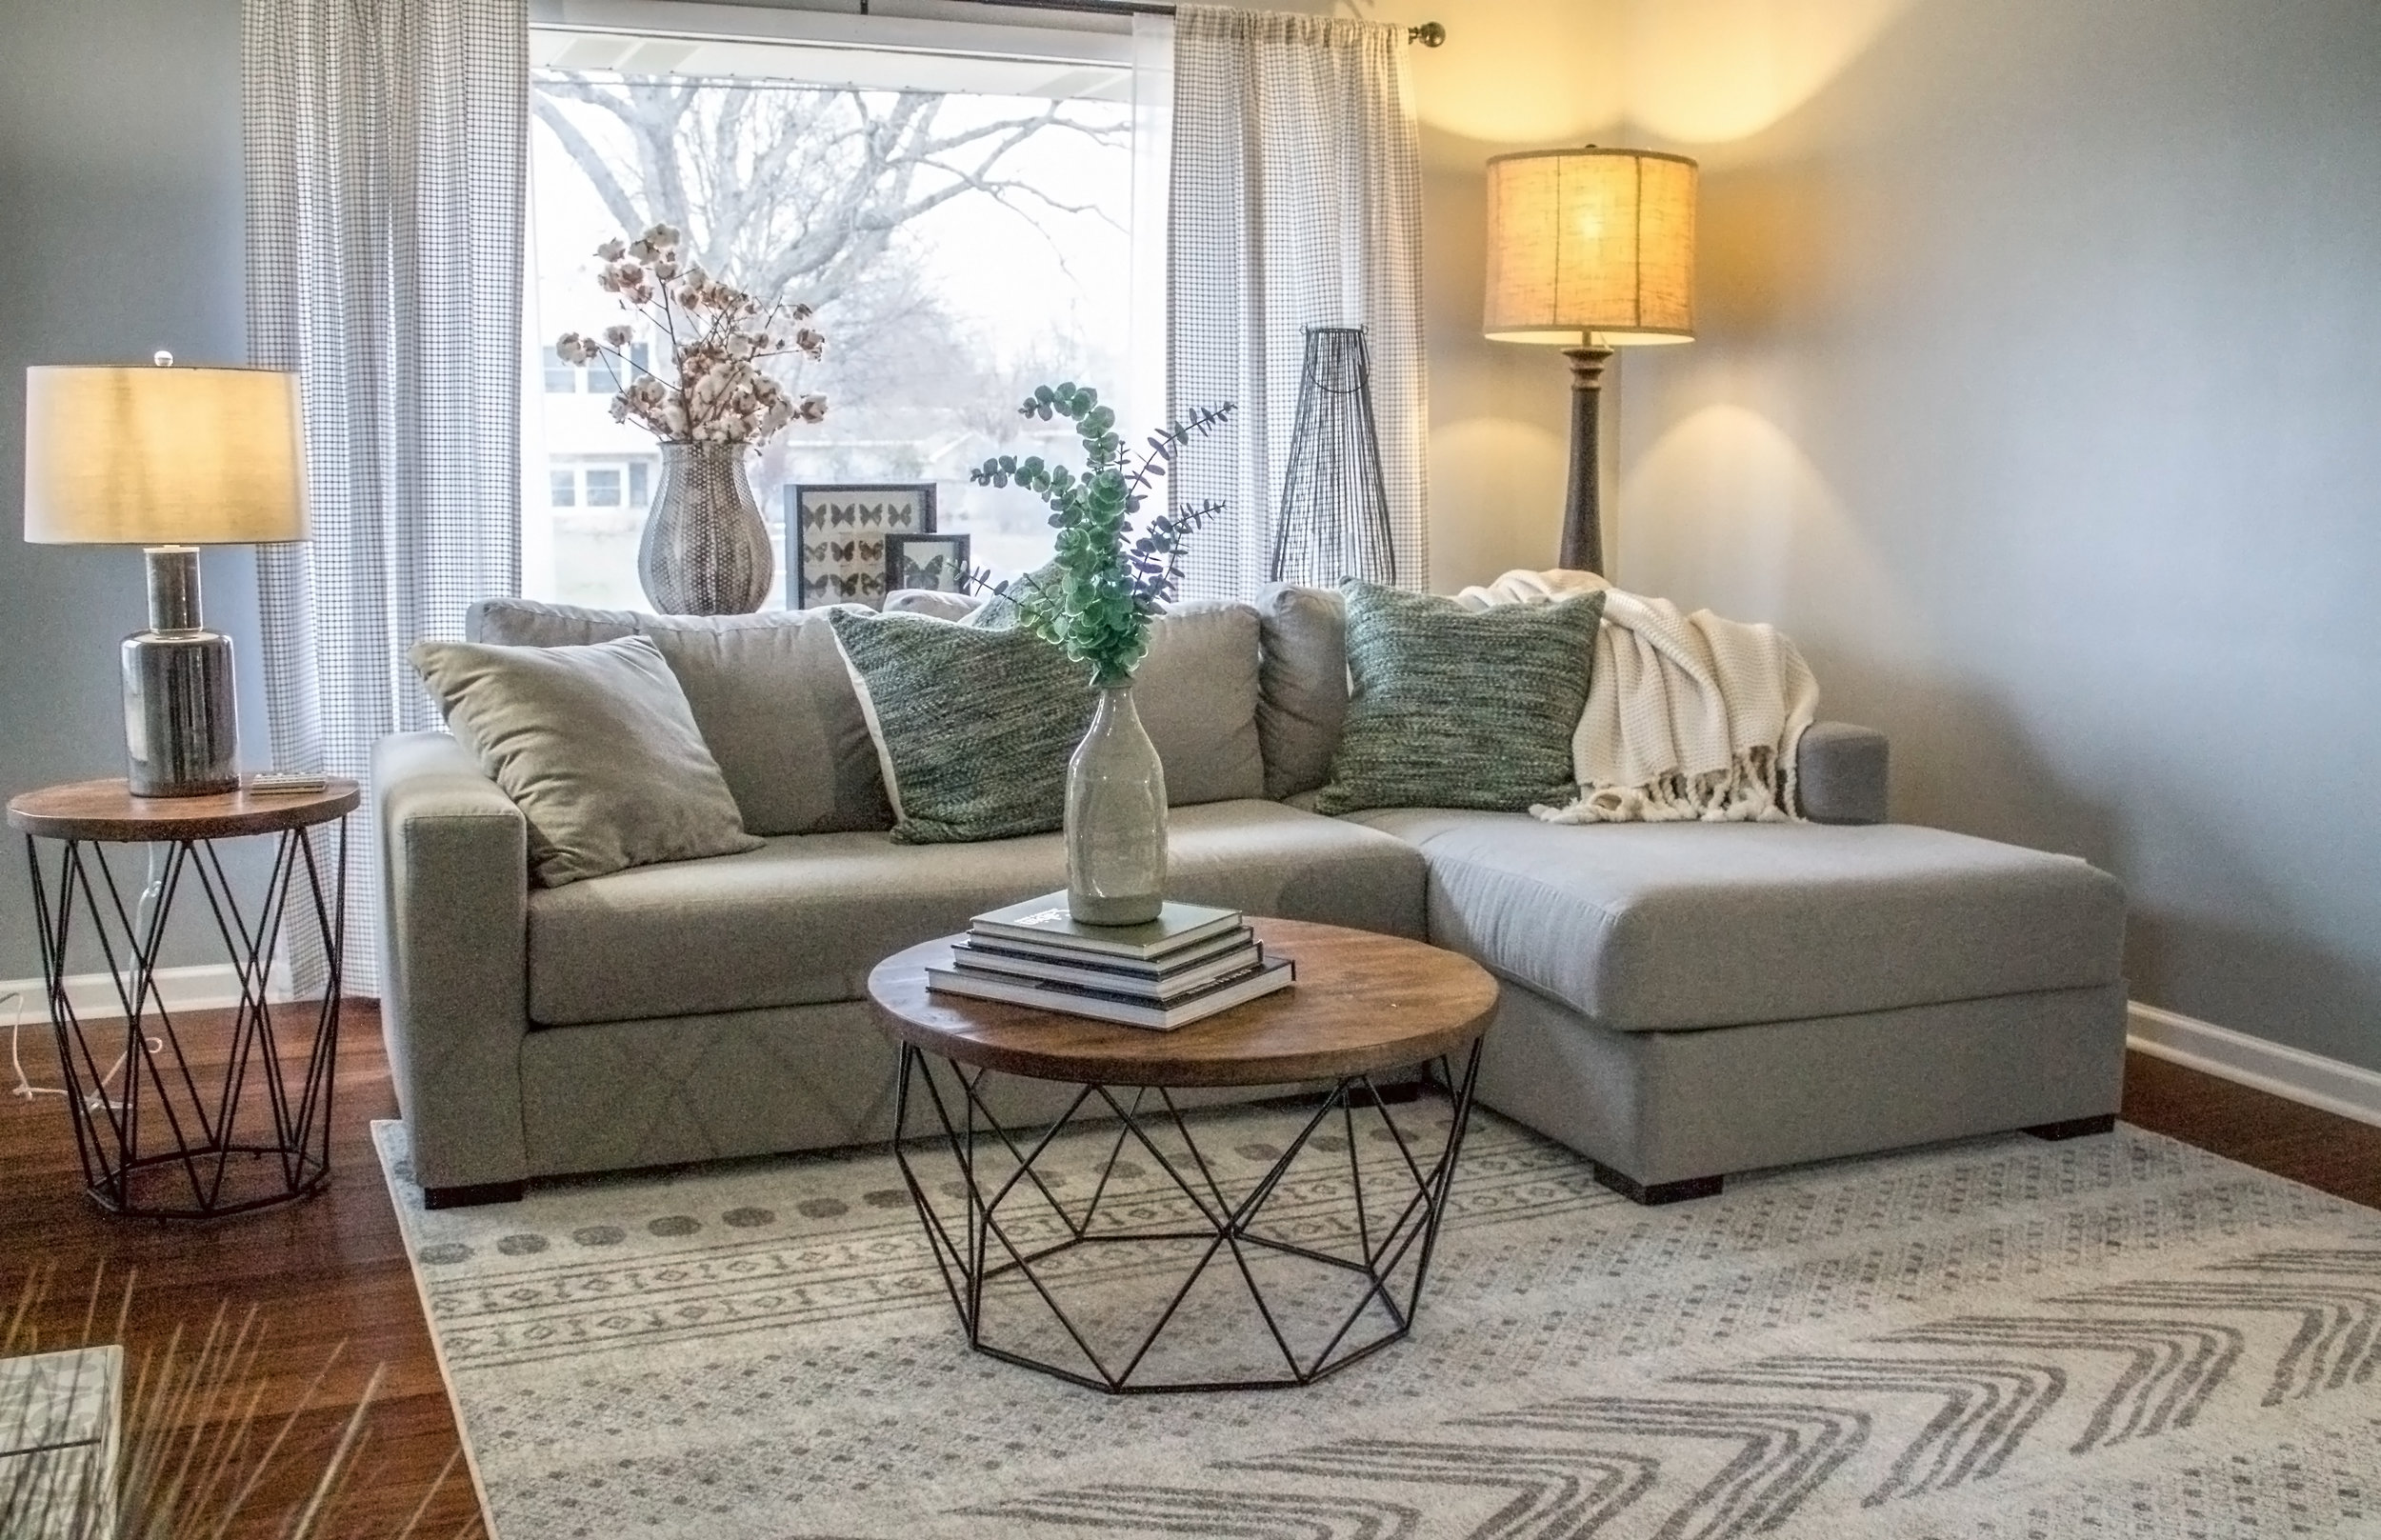 living room designed by an online interior designer,